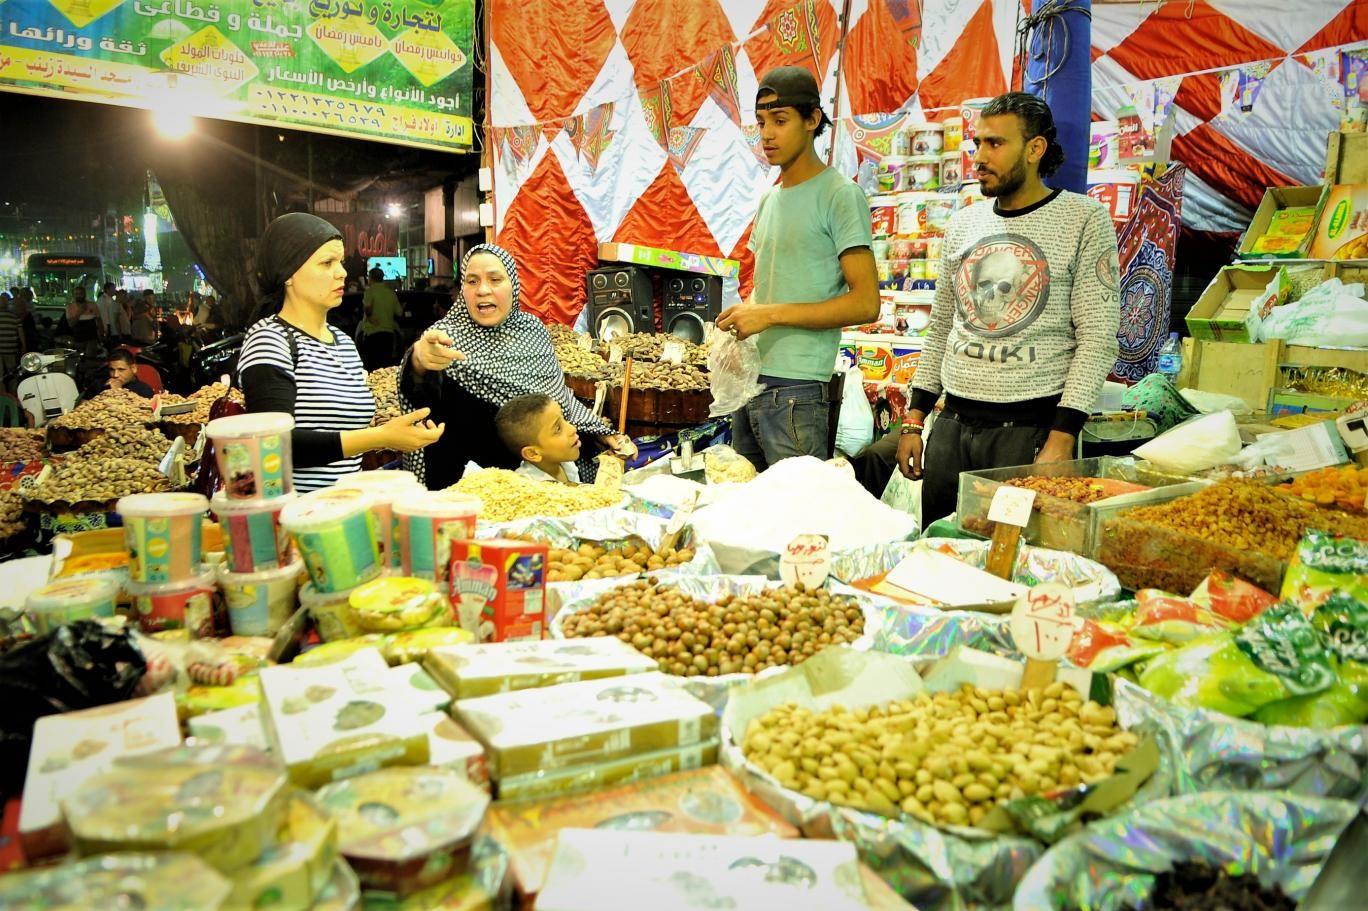 فاتورة استهلاك المصريين في رمضان... من الصوم إلى التخمة